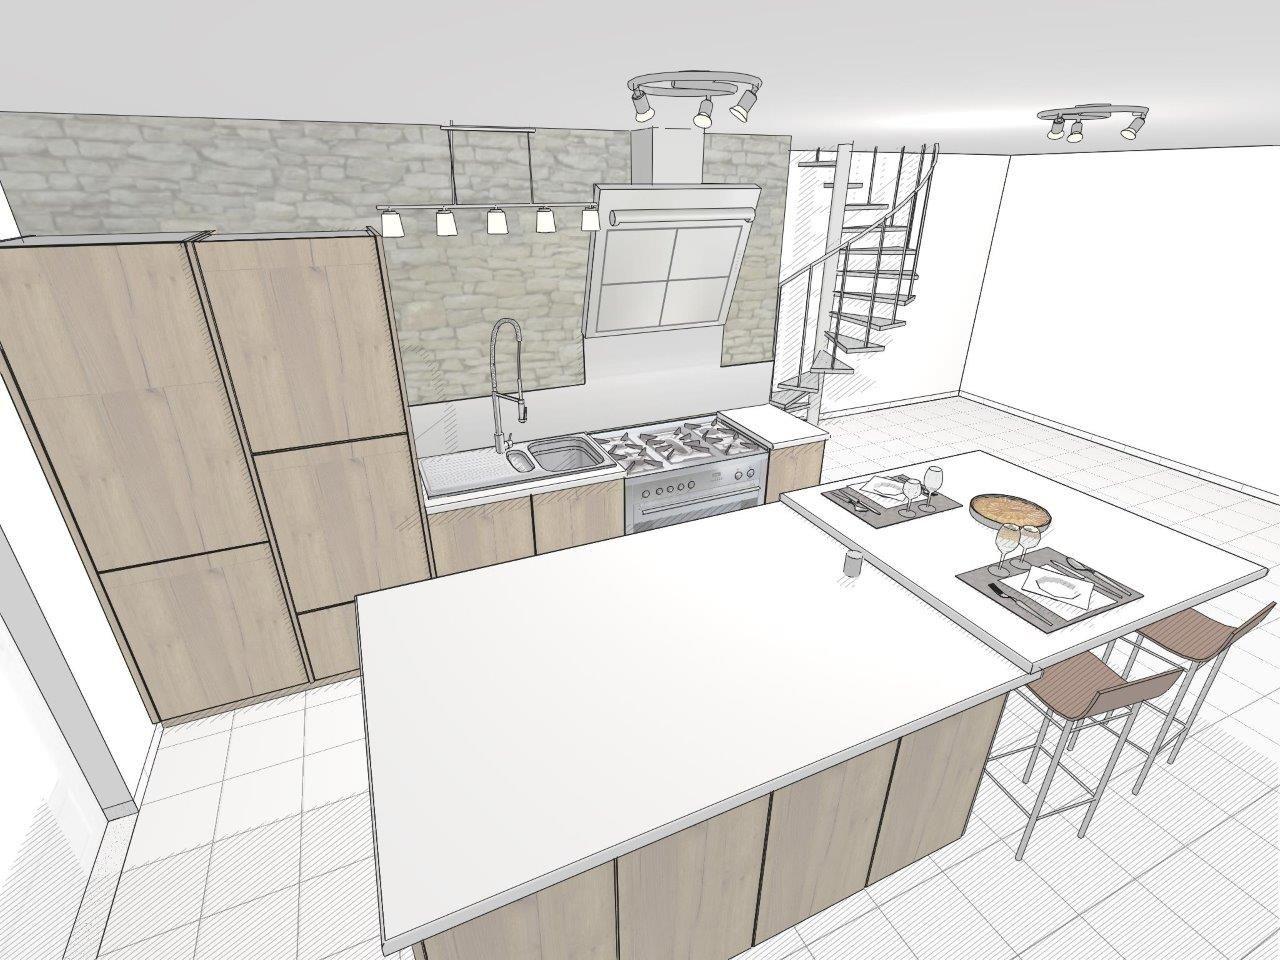 Logiciel Pour Conception Cuisine galerie (avec images) | cuisine dessin, design, architecte